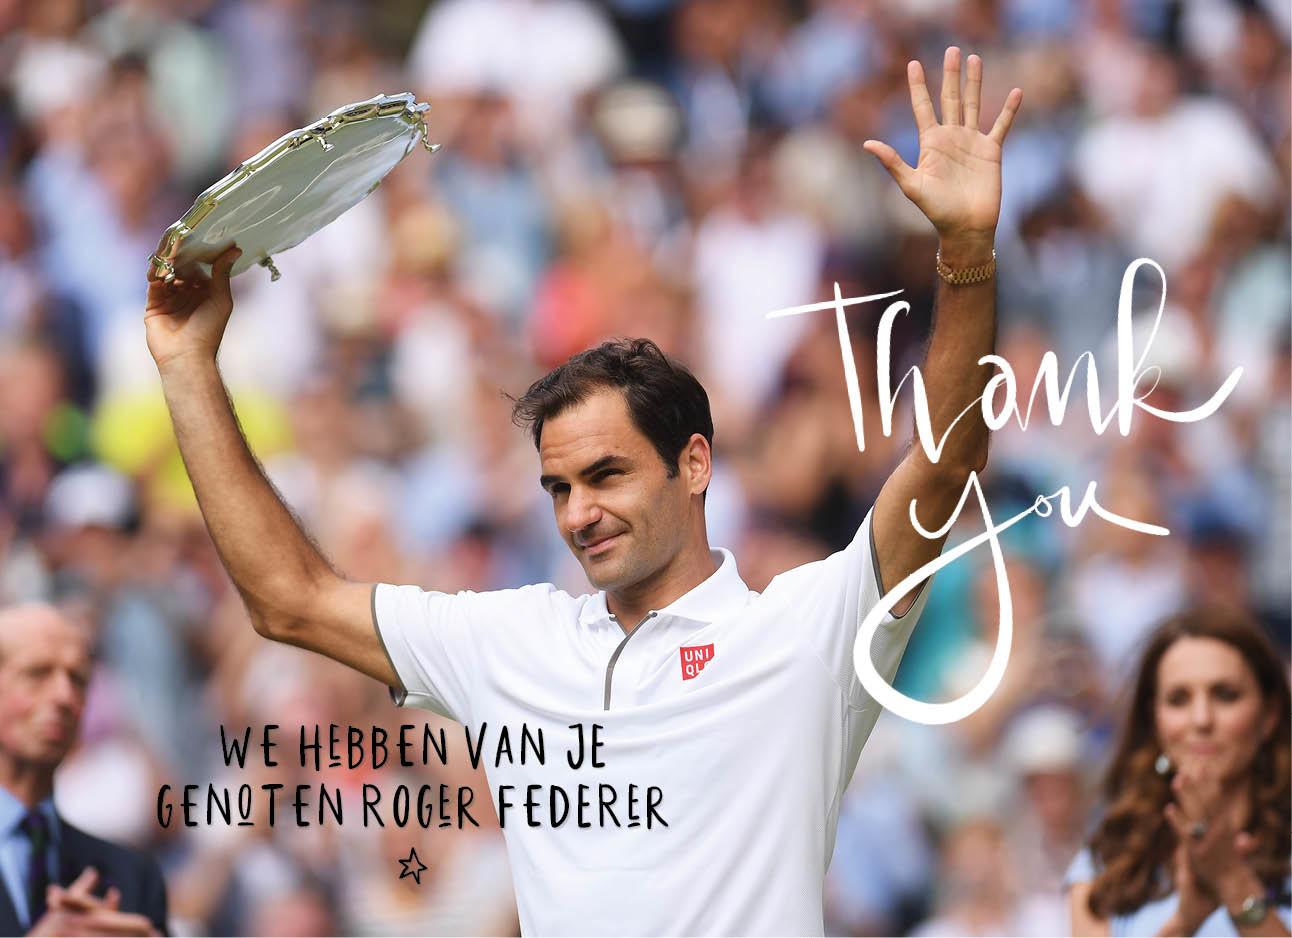 roger federer Wimbledon finale lachend wedstrijd verloren zwaaiend met armen om hoog na wedstrijd kate middleton op de achtergrond